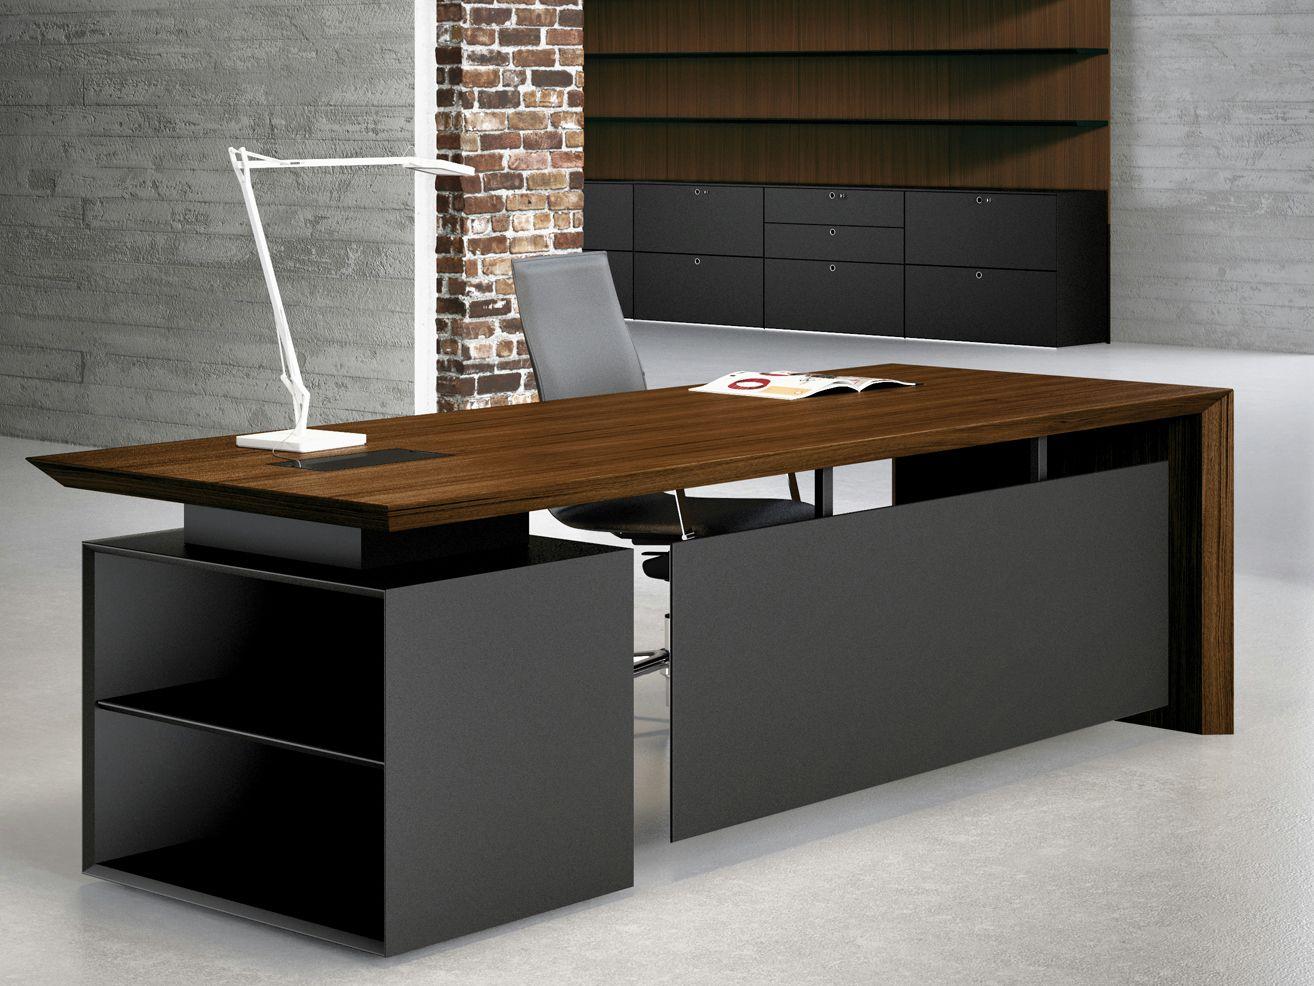 Multipliceo Office Desk By Fantoni Office Desk Designs Office